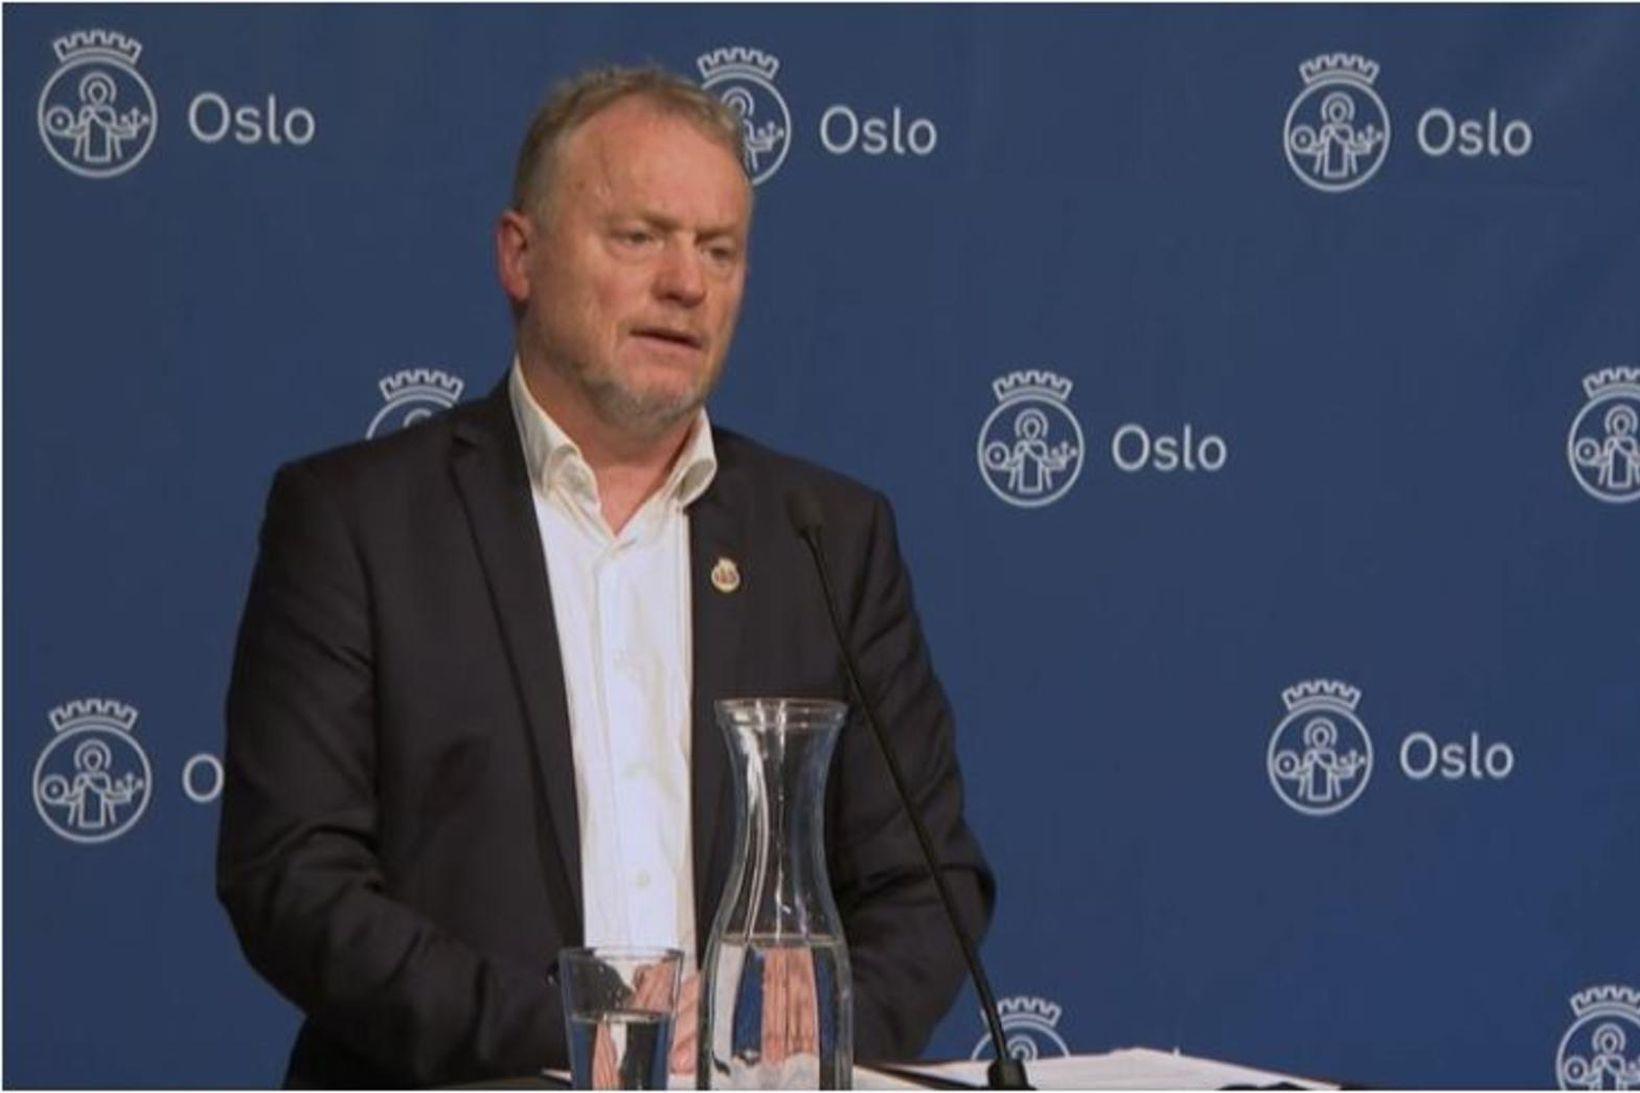 Raymond Johansen kynnir enn eitt sóttvarnaátakið fyrir Óslóarbúum á blaðamannafundinum …